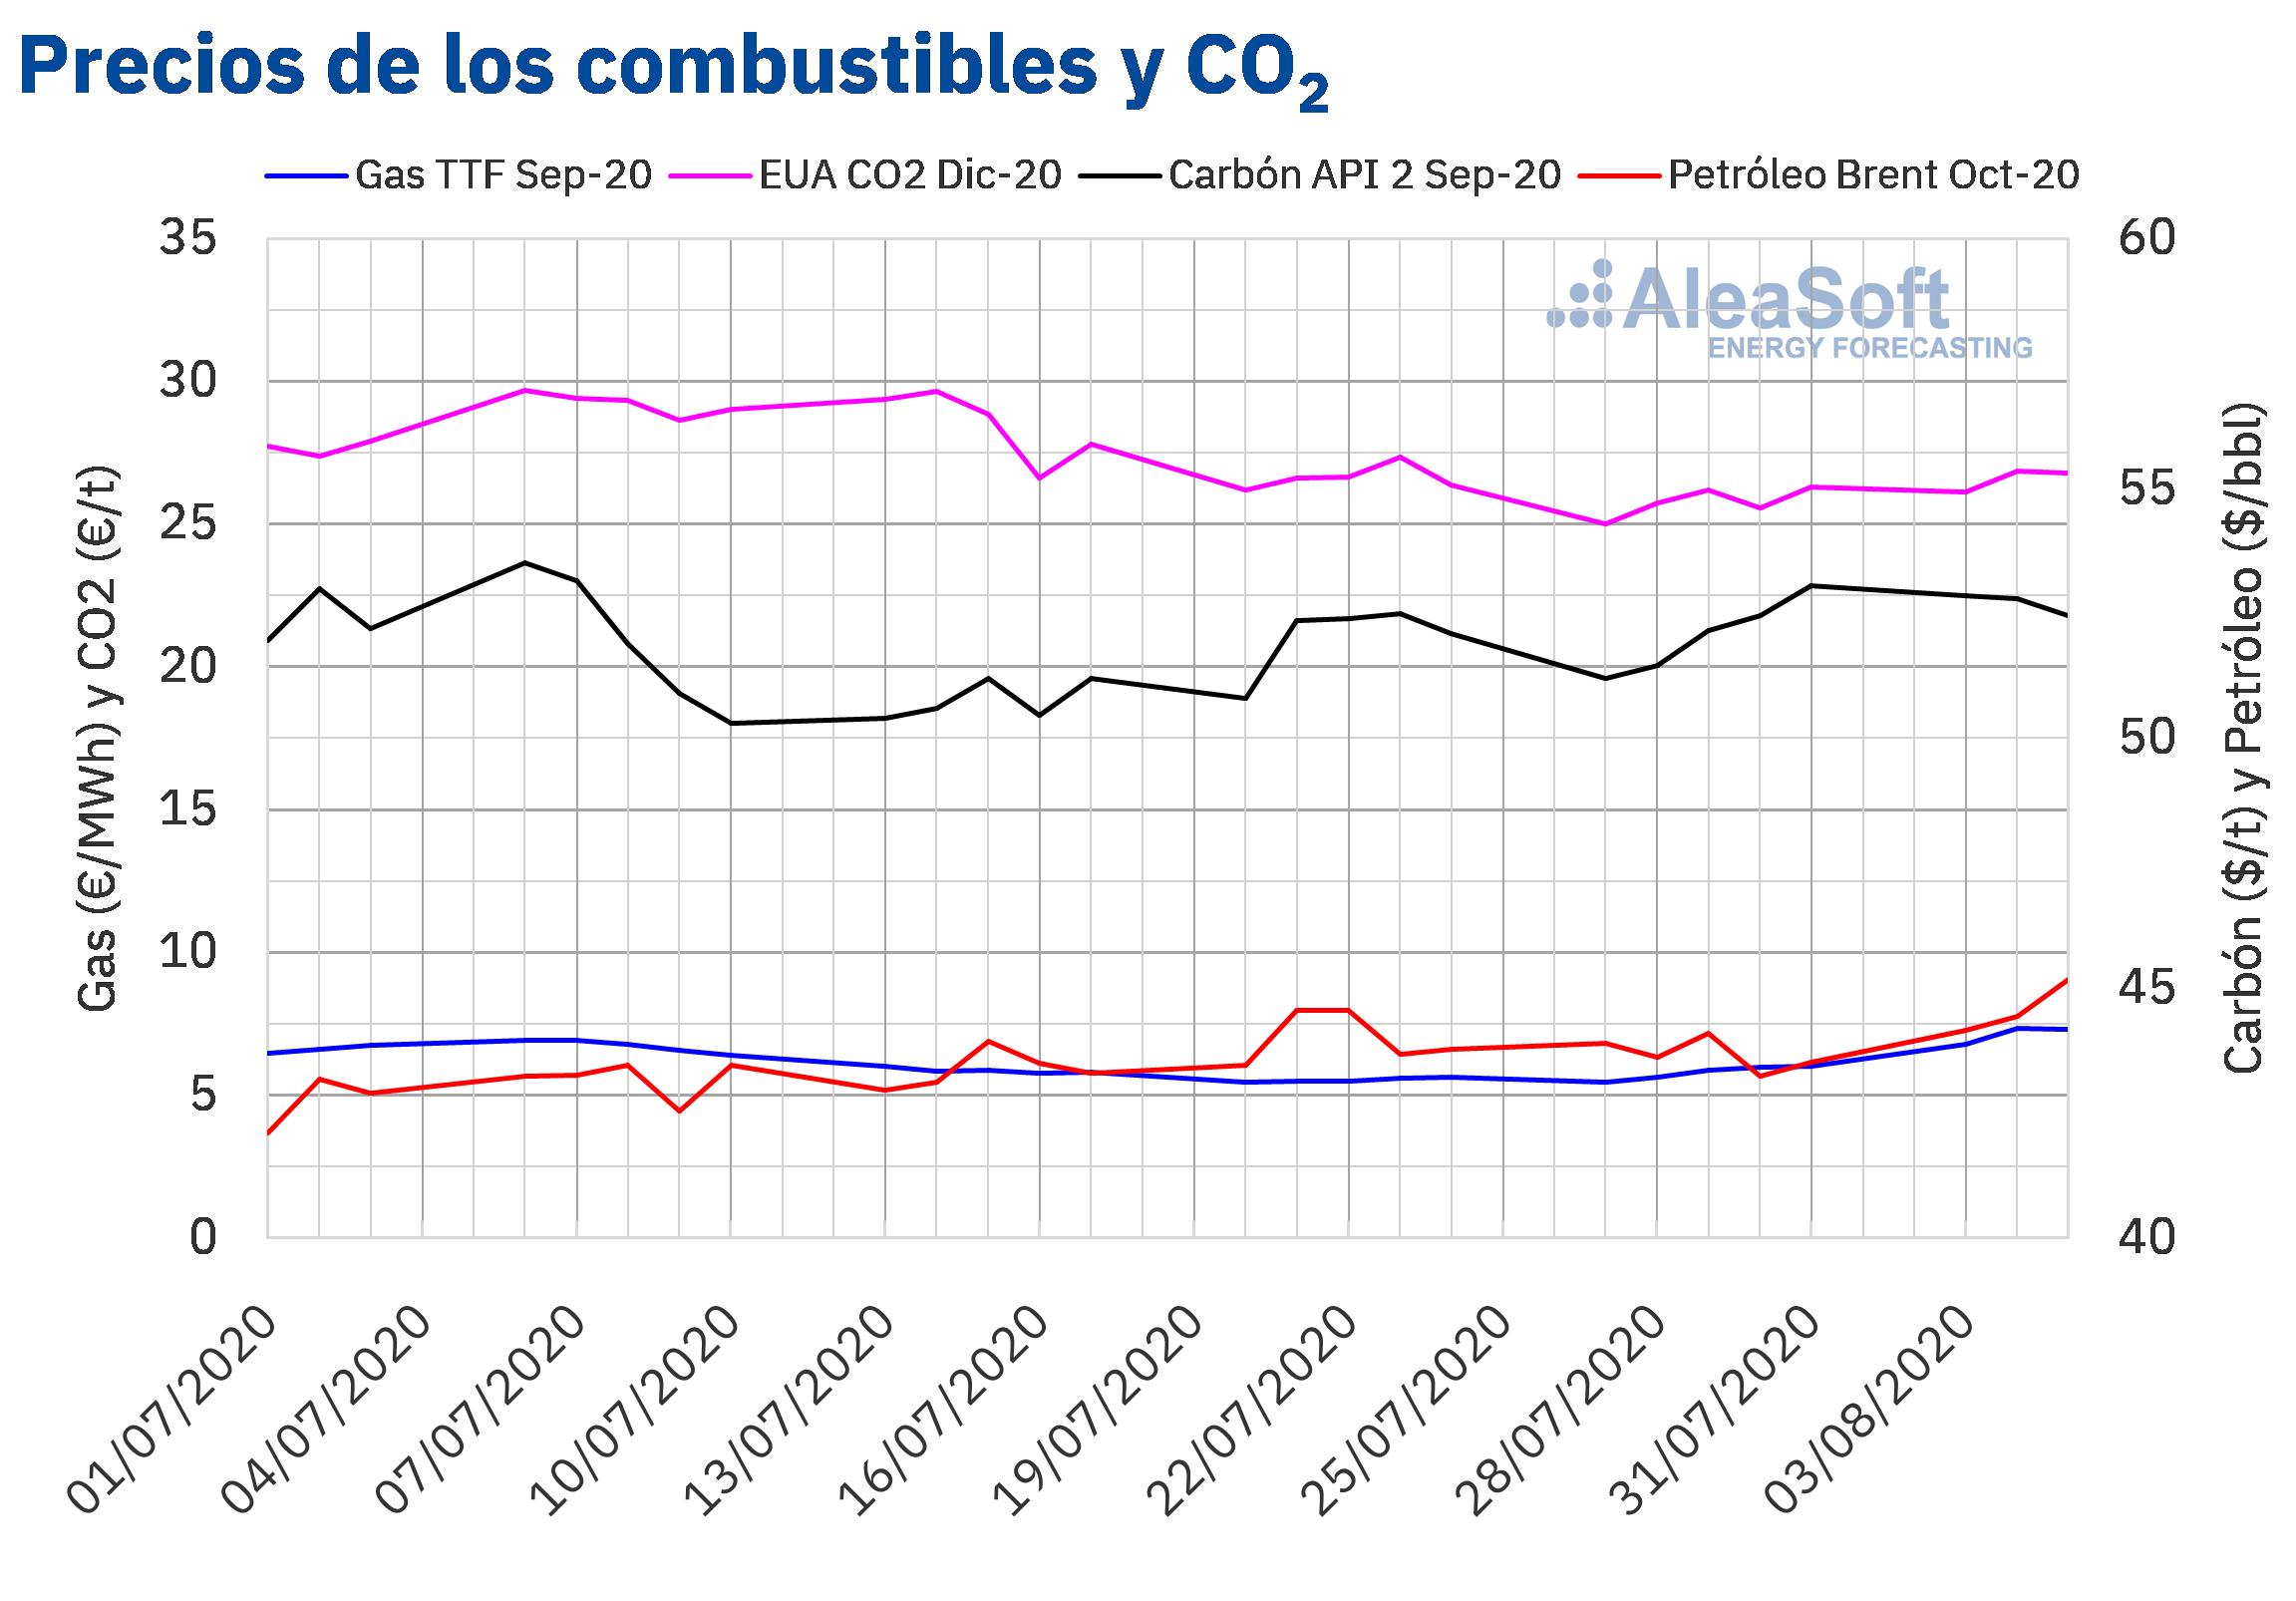 AleaSoft - Precios de gas, carbón Brent y CO2